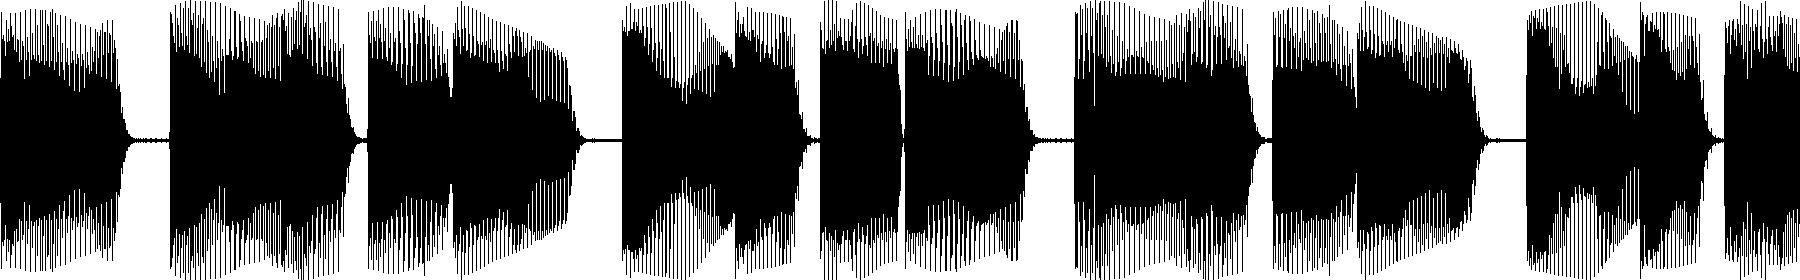 ehp synloop 130 epicwave gb